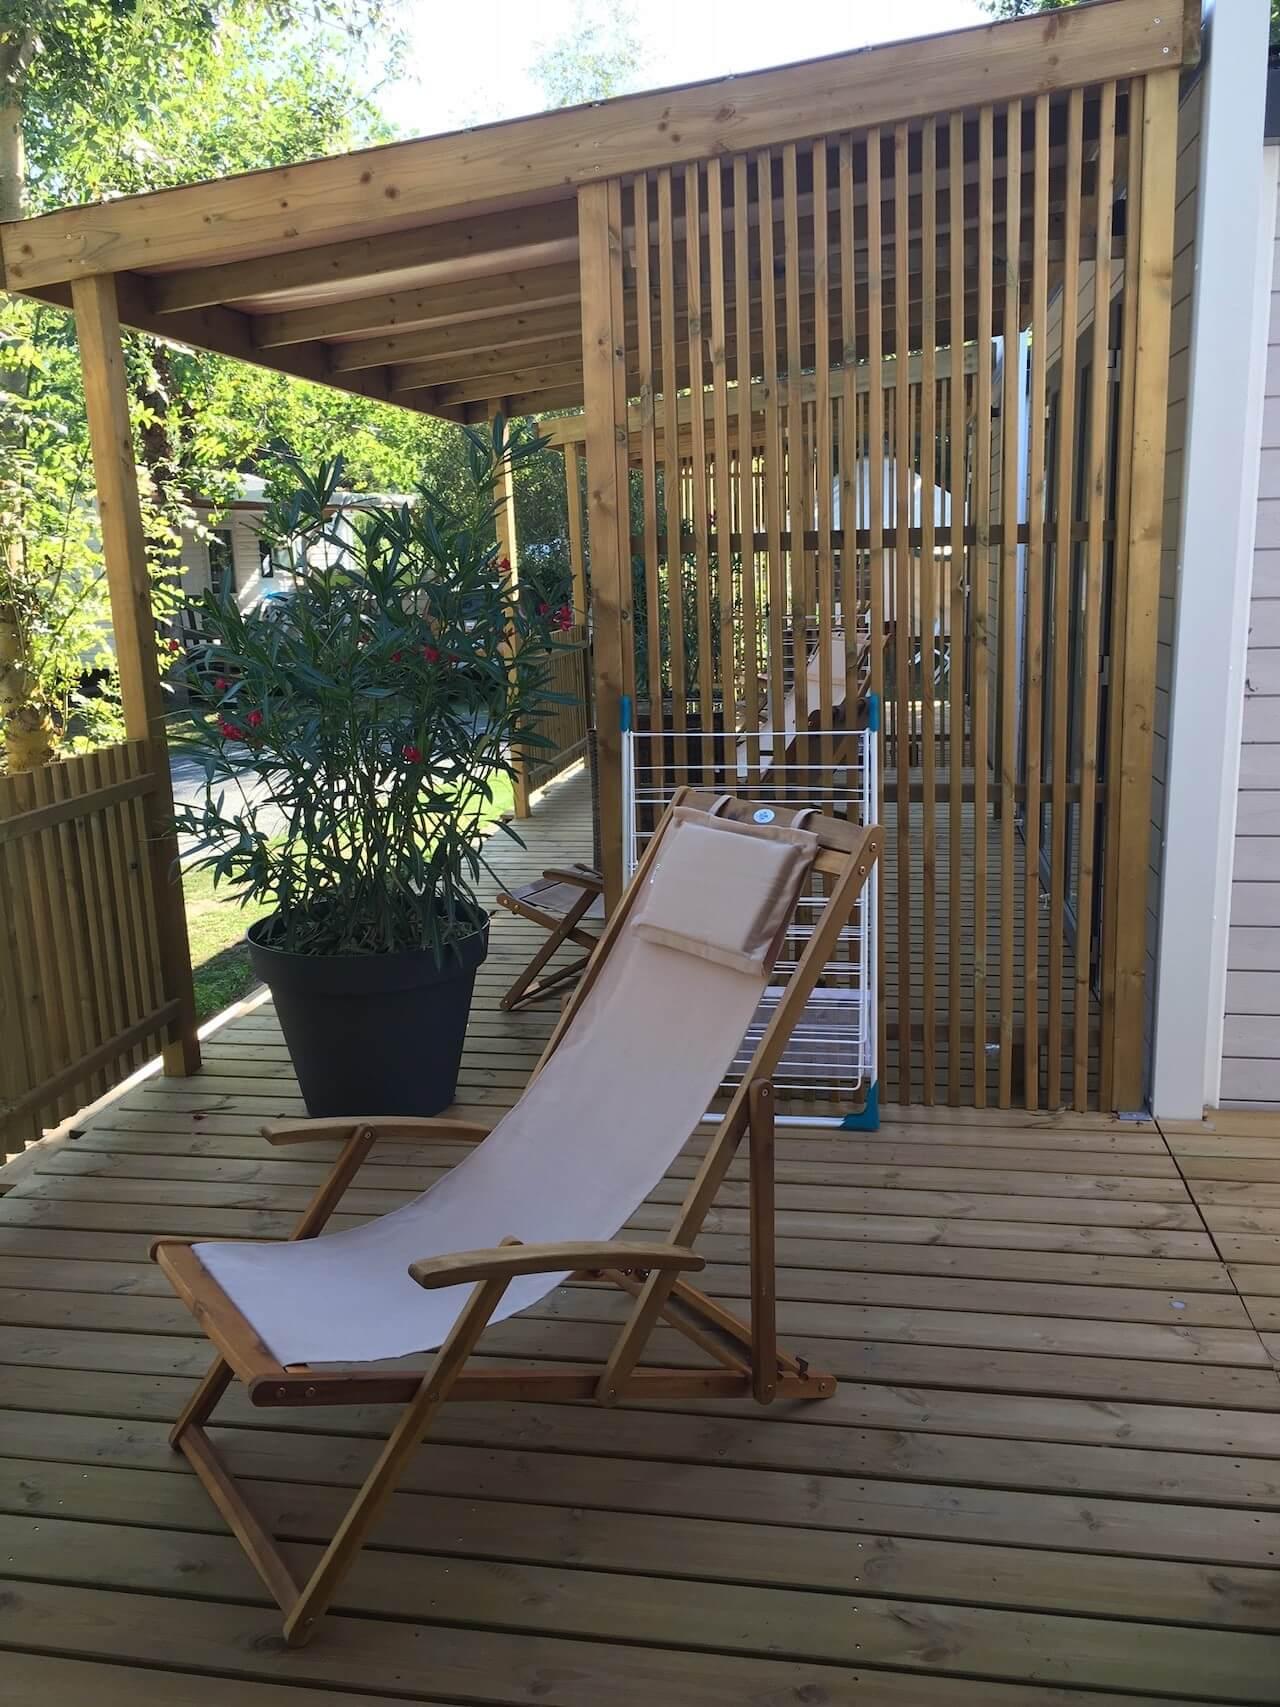 Paravent résille en bois sur une terrasse de mobil-home